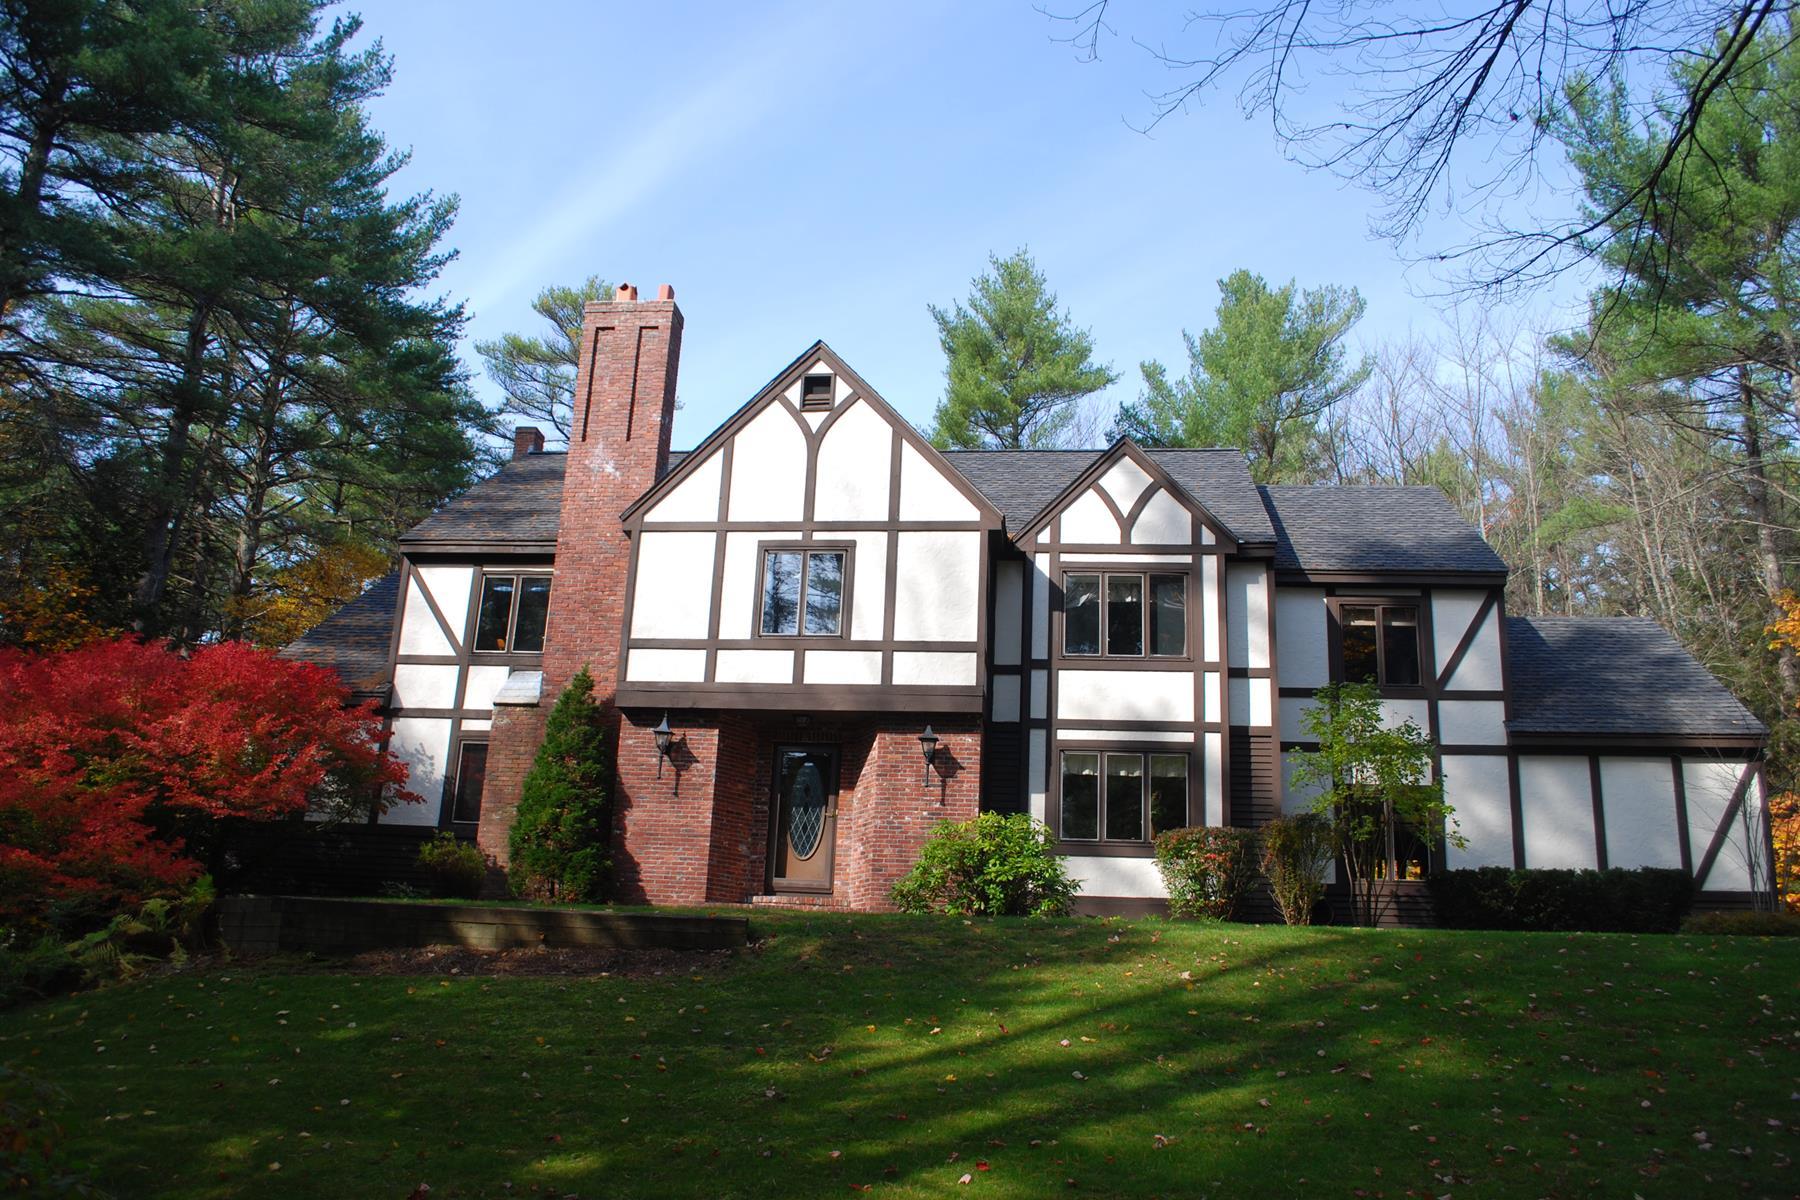 独户住宅 为 销售 在 112 Ridge Road, New London 112 Ridge Rd New London, 新罕布什尔州 03257 美国